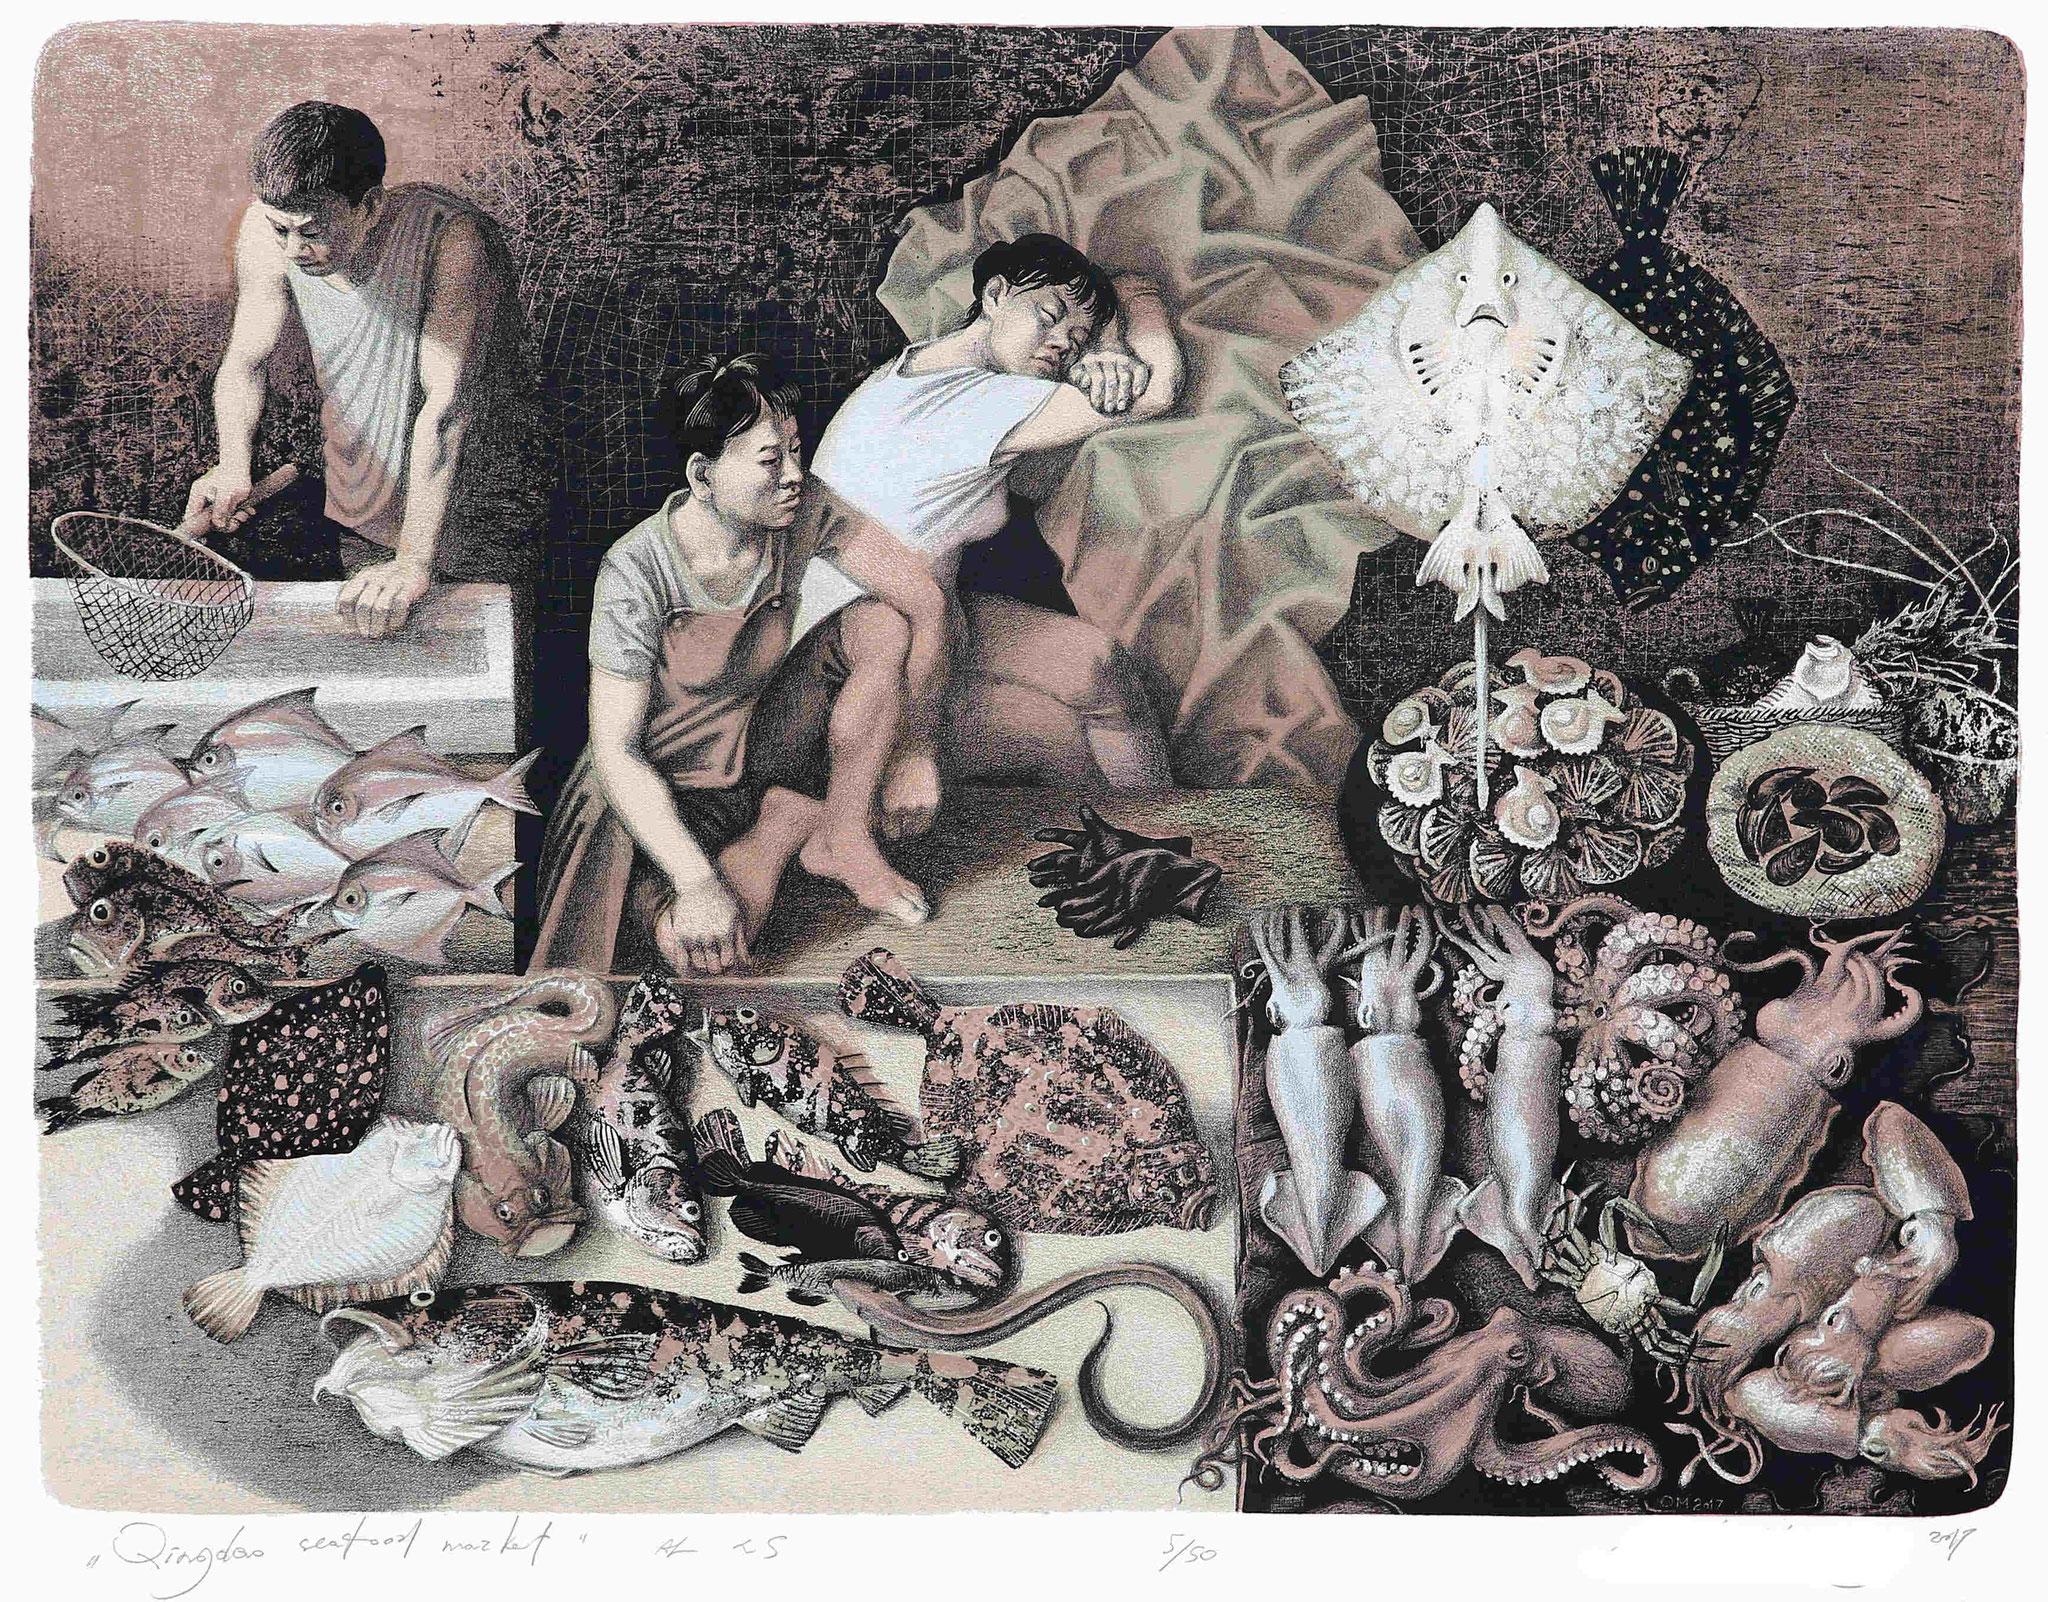 """Oleg Mikhailov (Russia) """"Qingdao seafood market"""" (Serie)"""